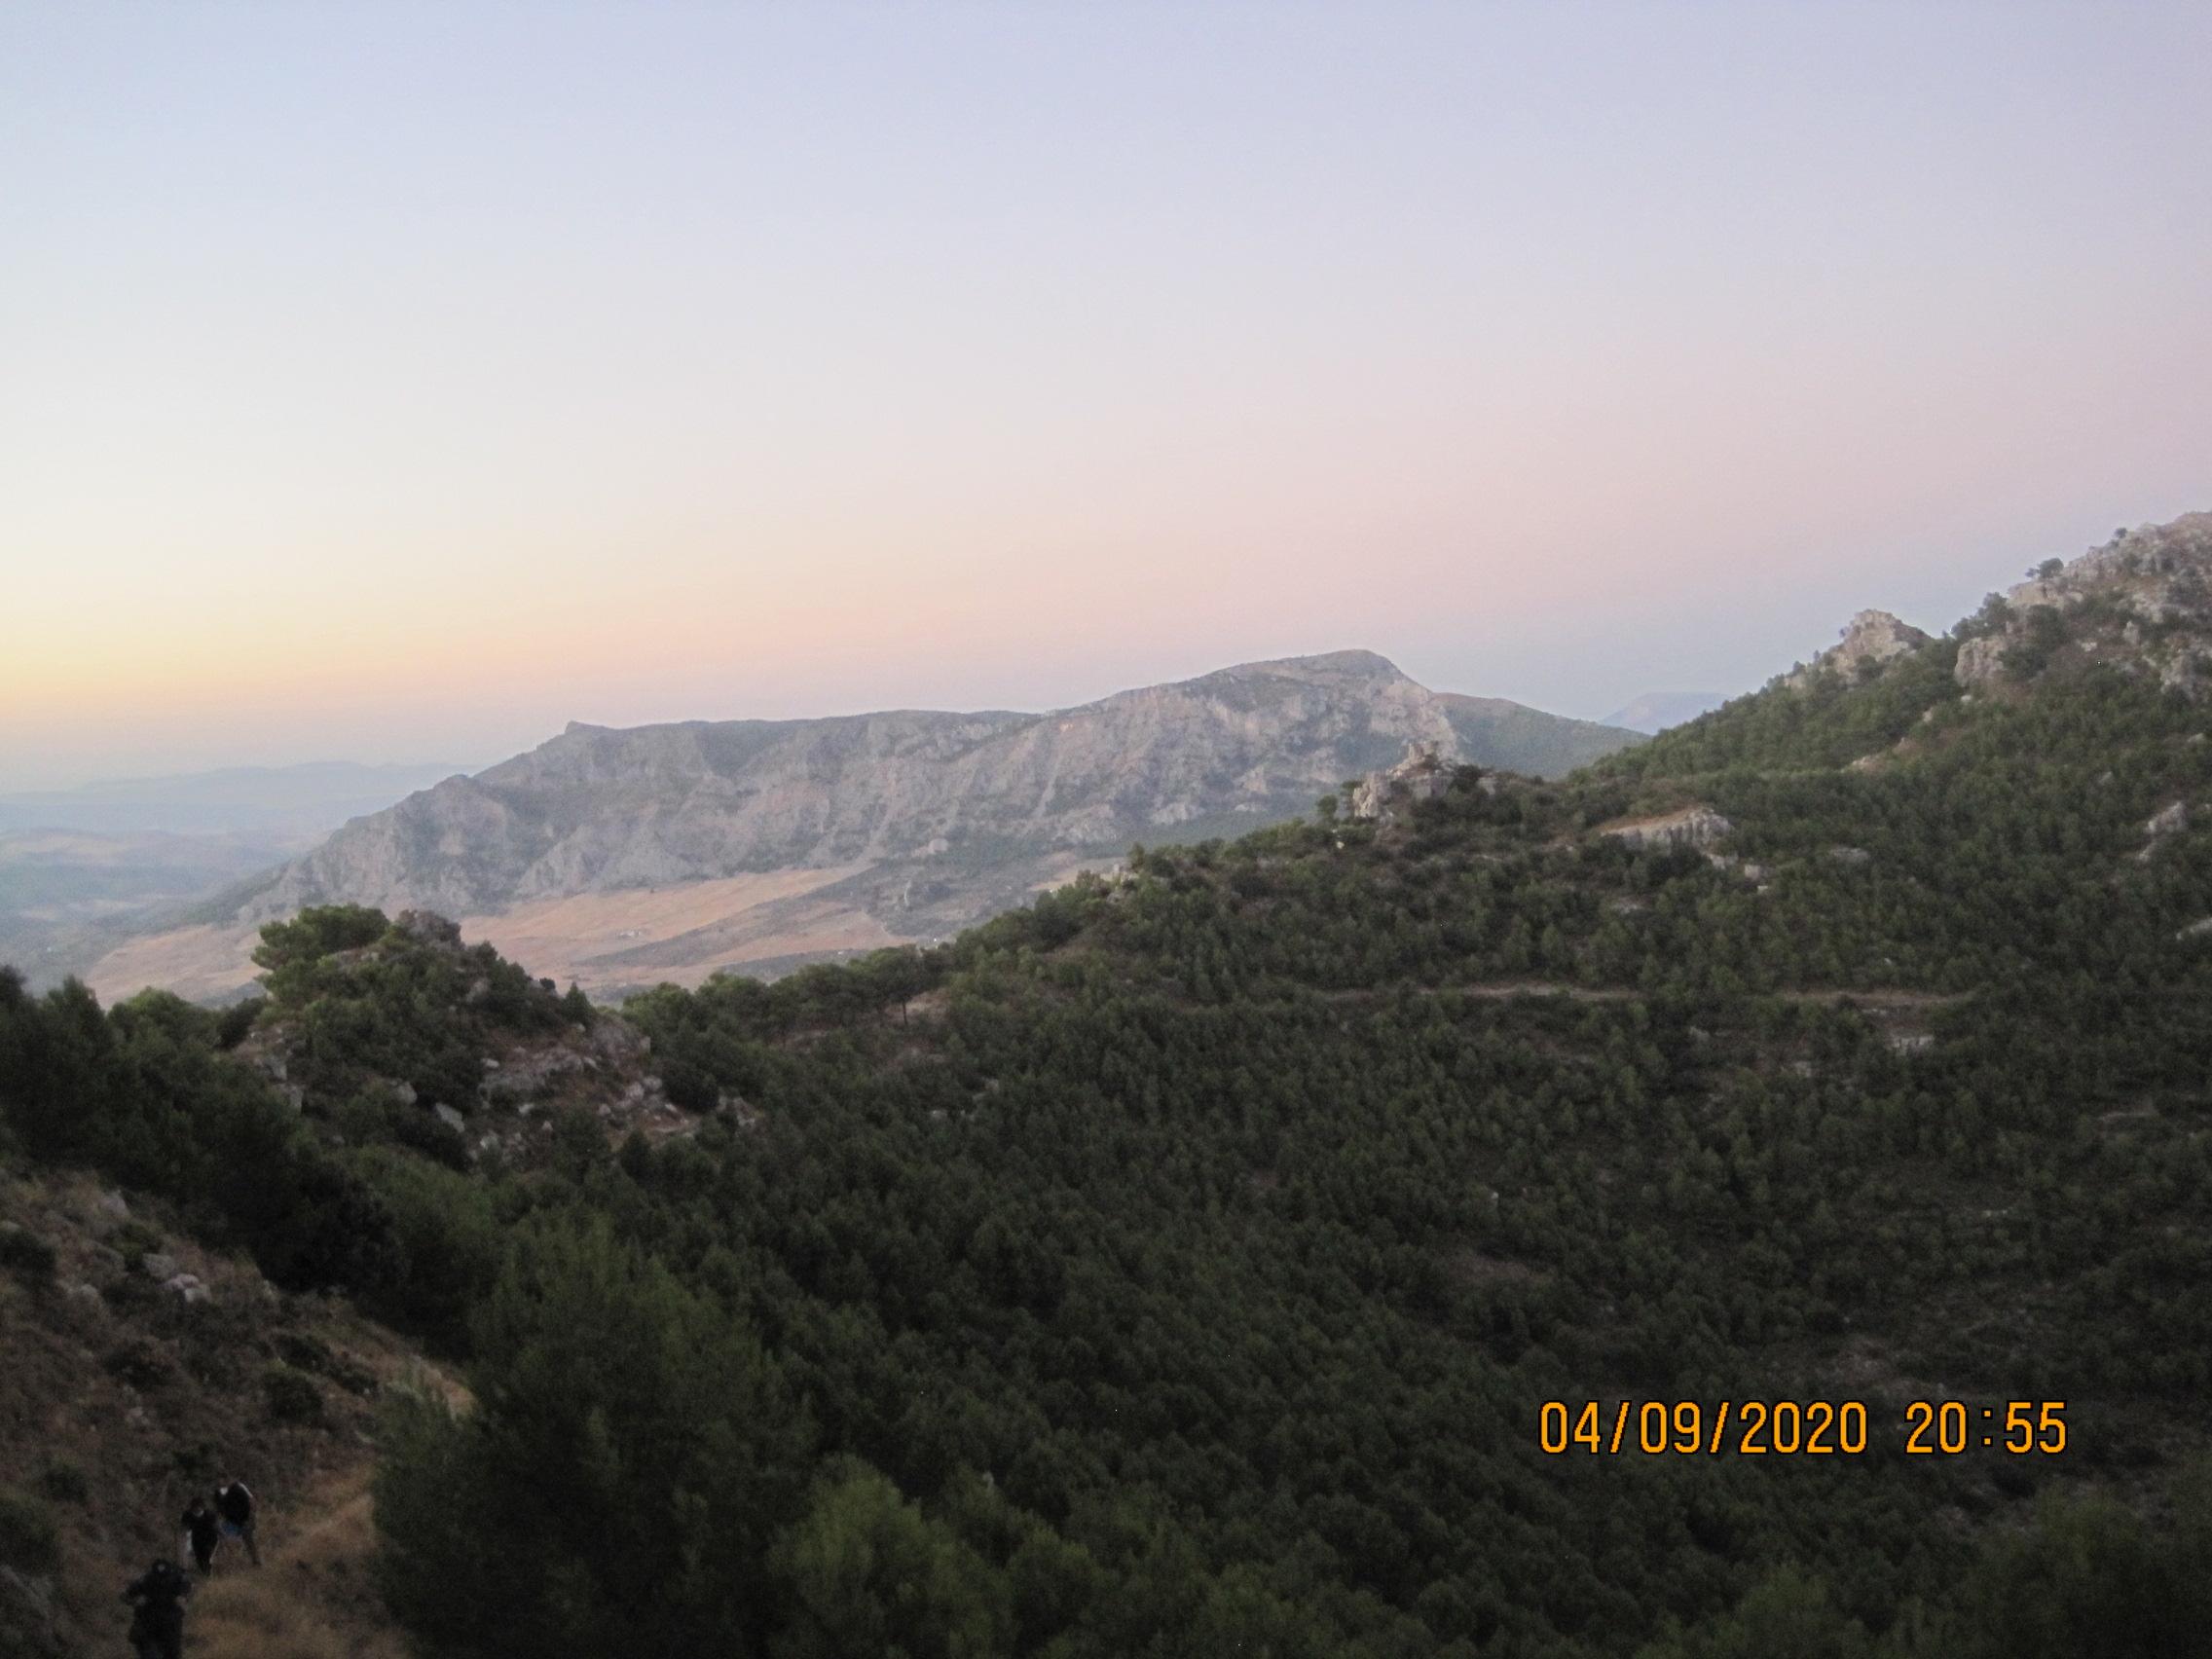 Ruta de Senderismo.  Vespertina Lineal a la cima de Sierra Prieta.  Casarabonela ( Sierra de las Nieves ). Fecha: Viernes 4 Septiembre 2020.